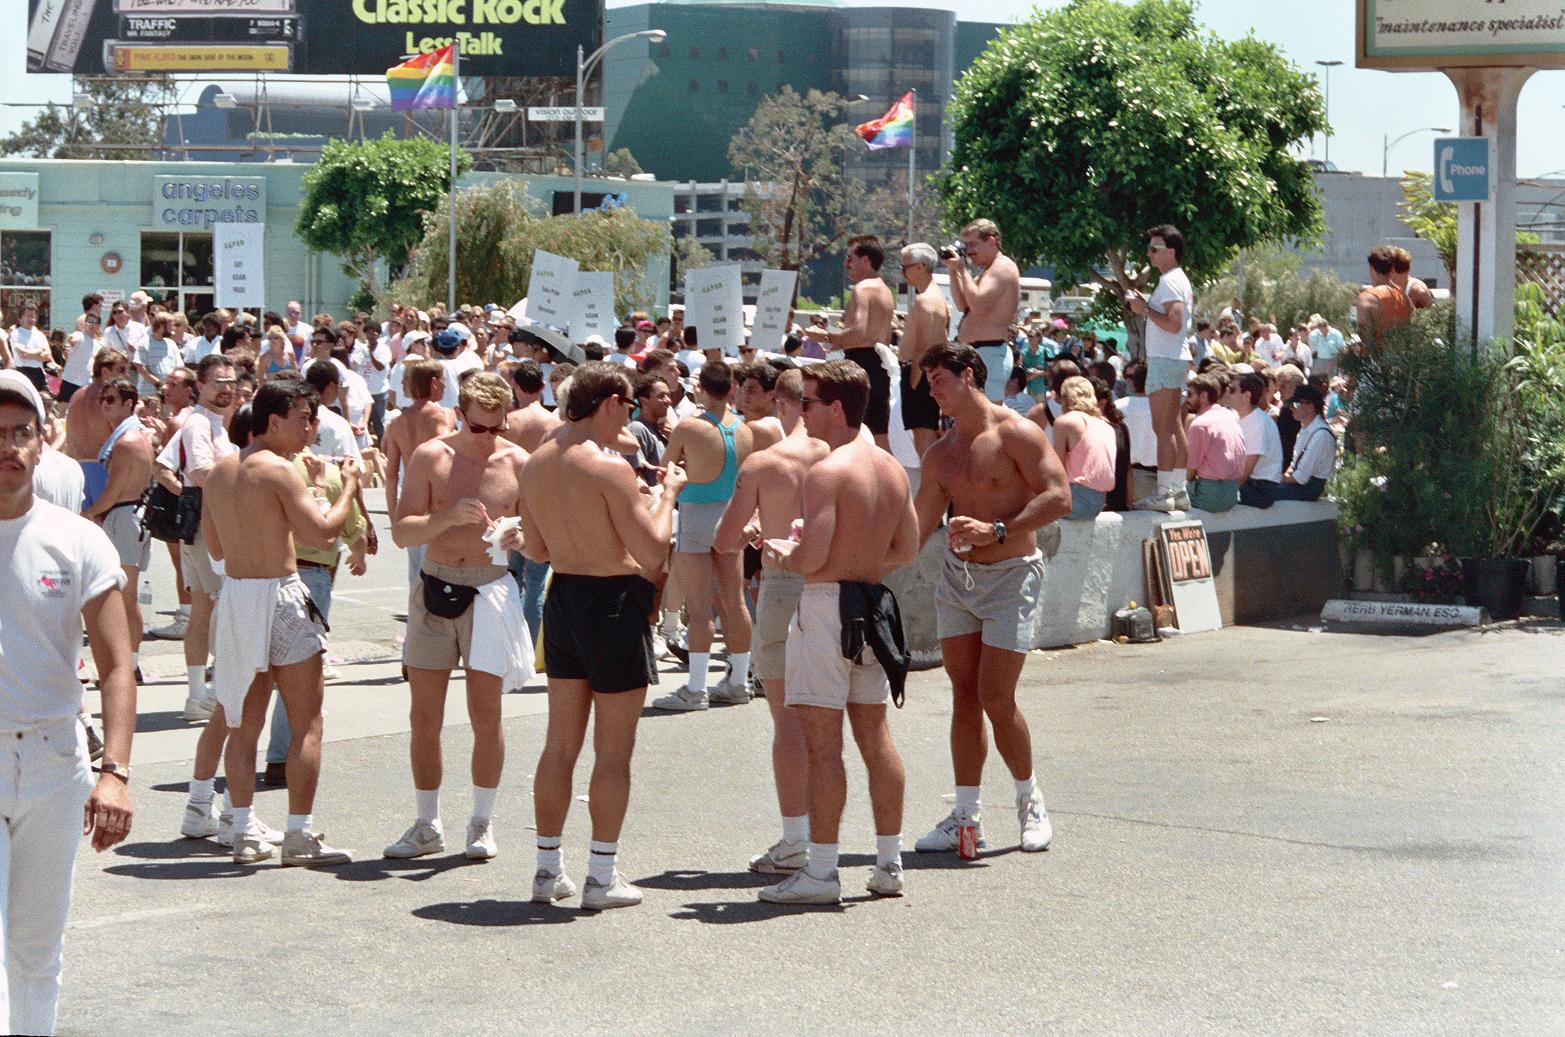 la-pride-1987-1995_21687341114_o